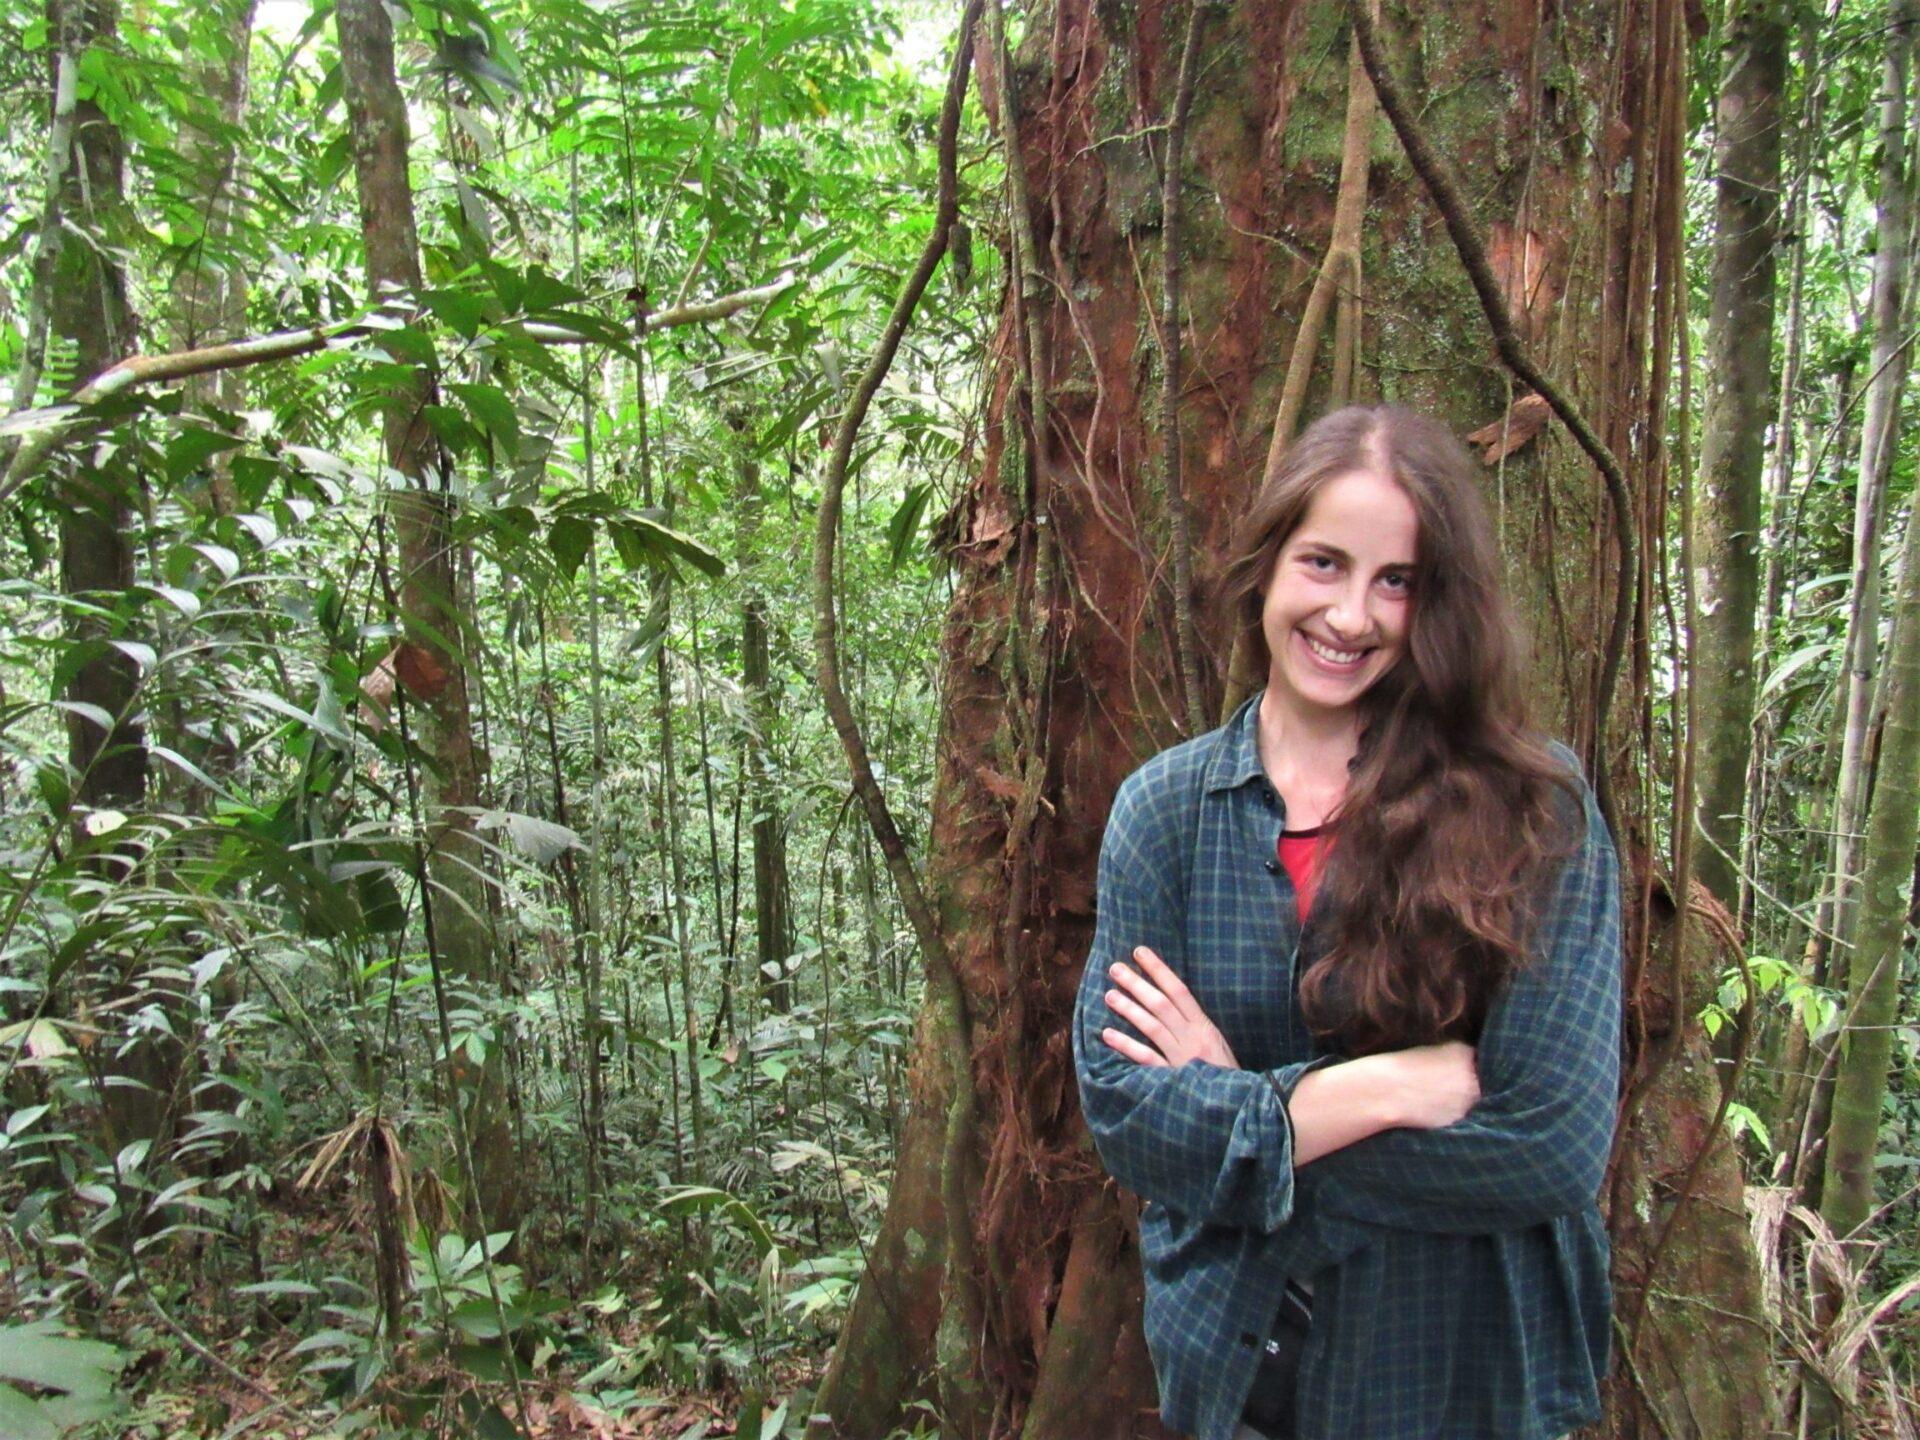 Celina Ben Saadi en una de las expediciones del proyecto DISPLAMAZ a la selva peruana.